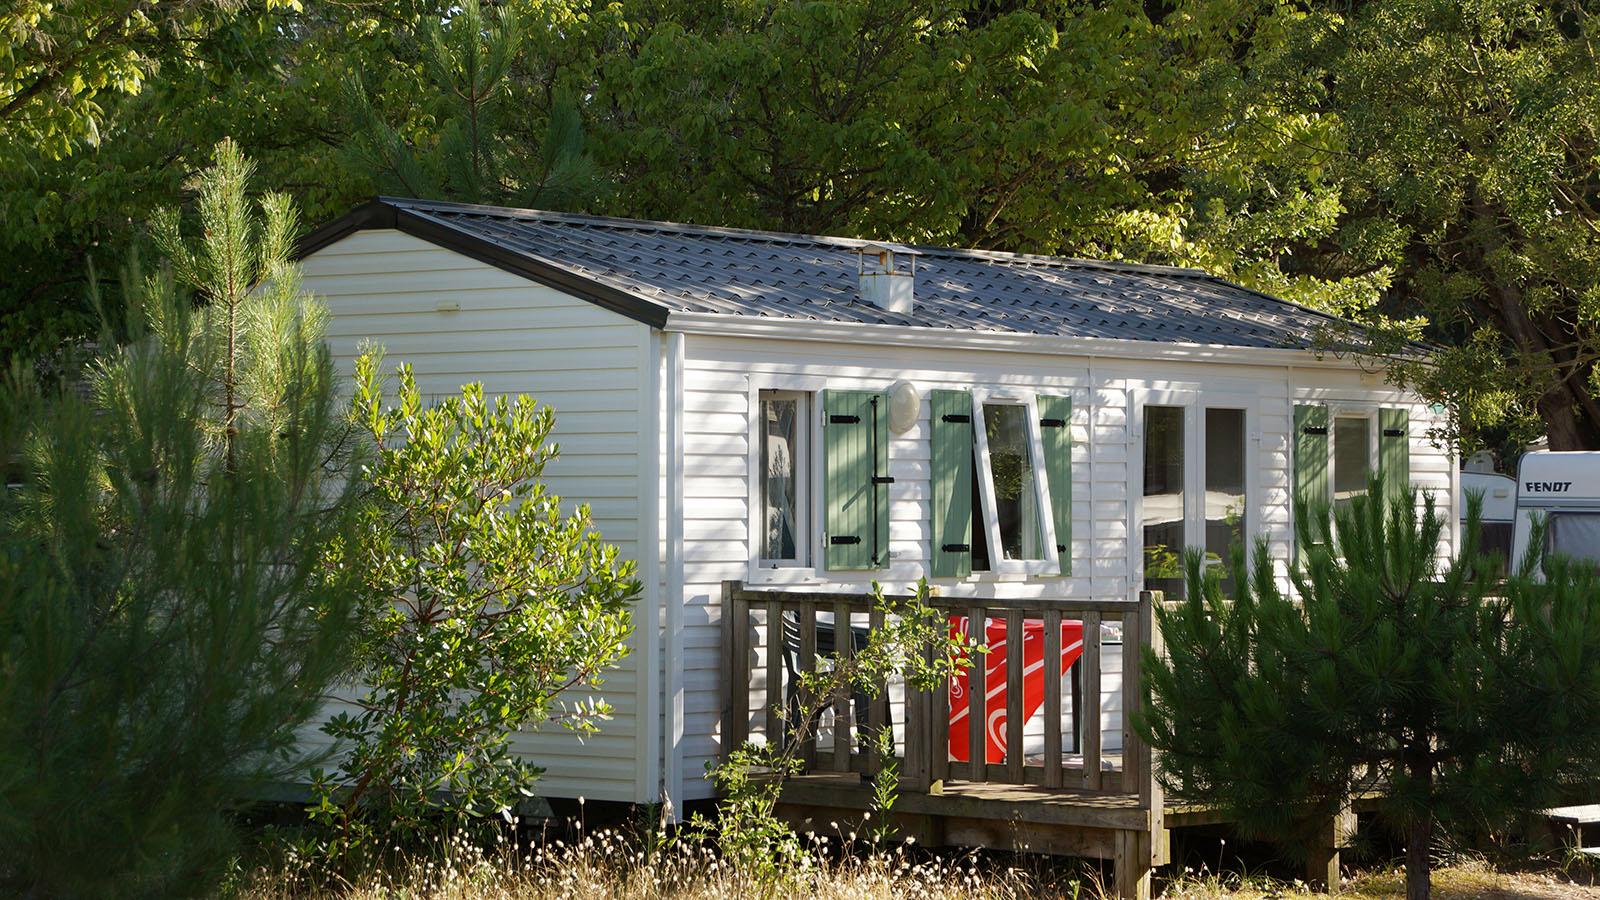 hebergement-campings en vendee la barredemonts